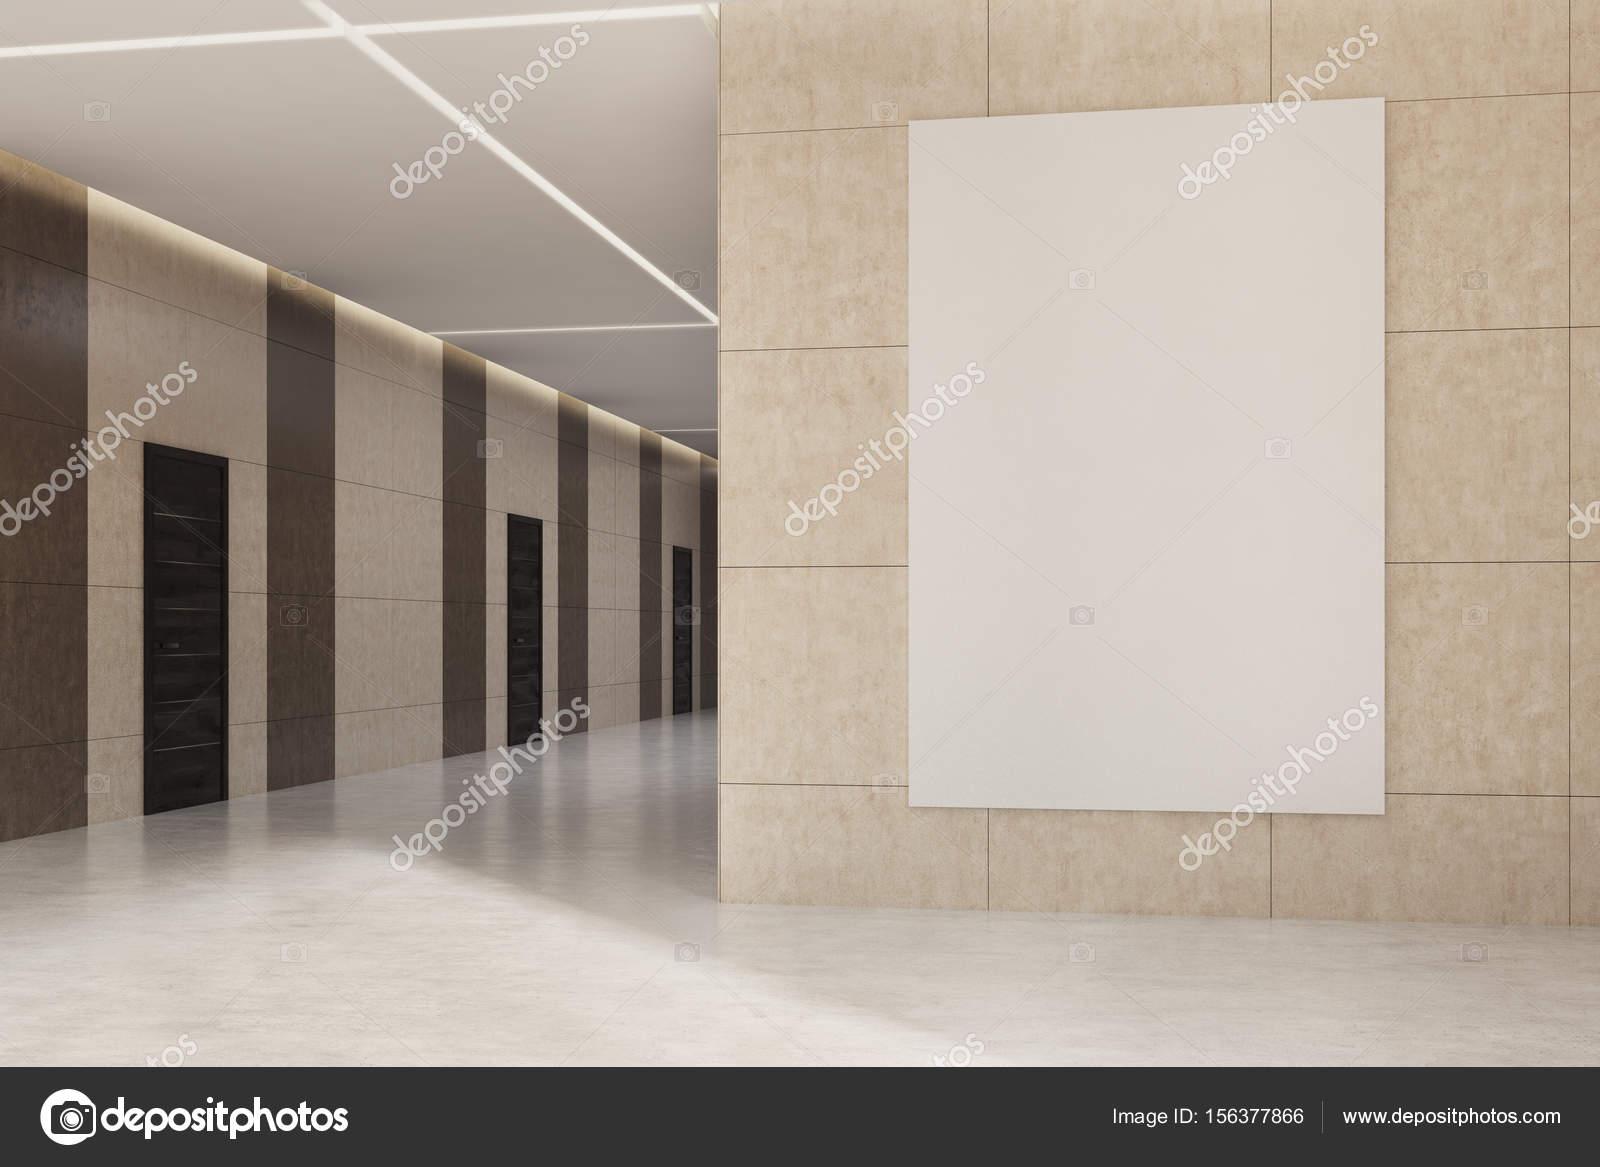 Ufficio Legno Hotel : Ufficio o hotel lobby con un poster sulla parete beige u2014 foto stock